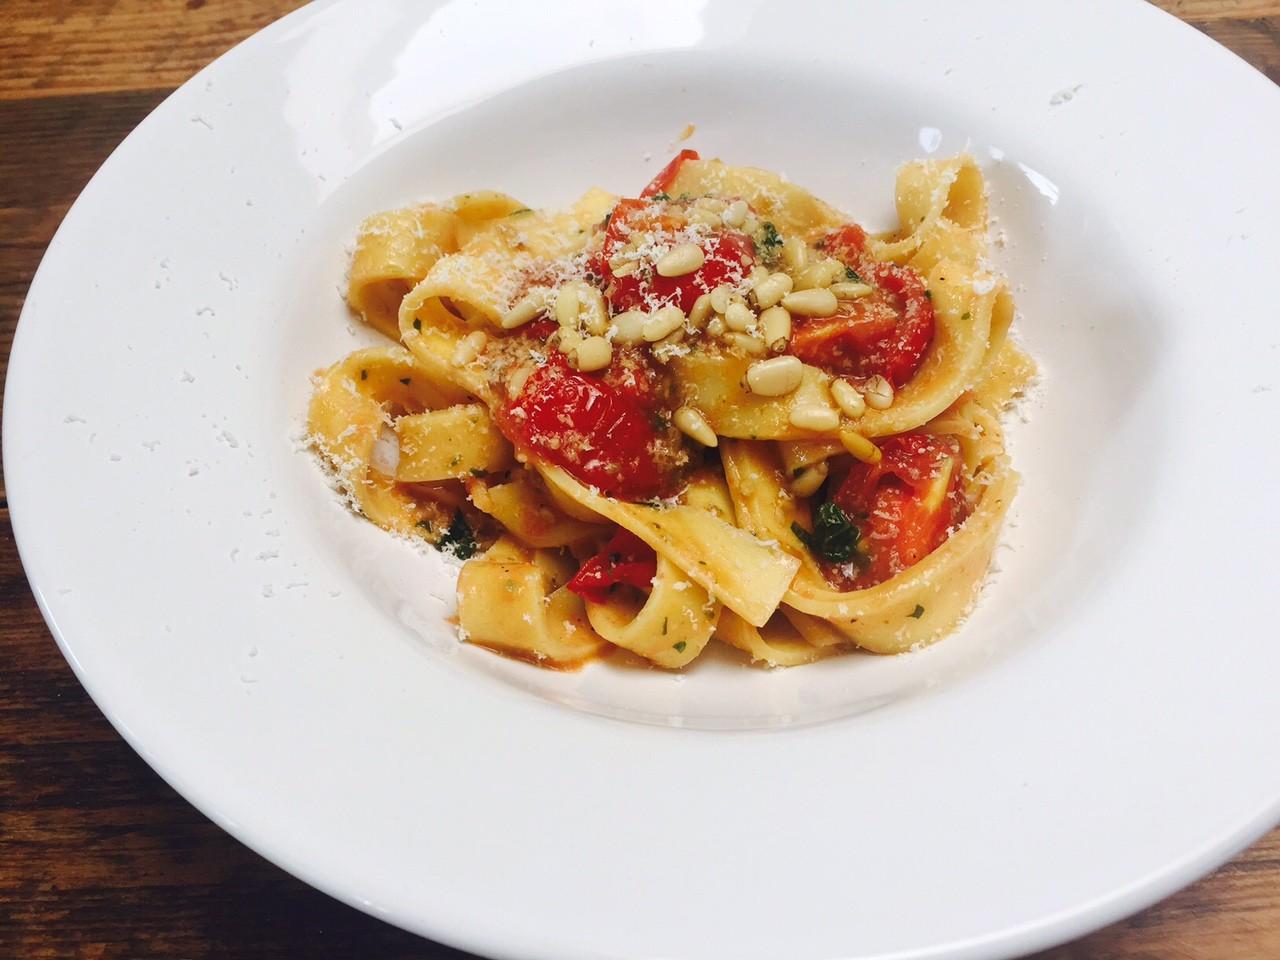 Snelle pasta met cherrytomaatjes recept van foodblog Foodinista